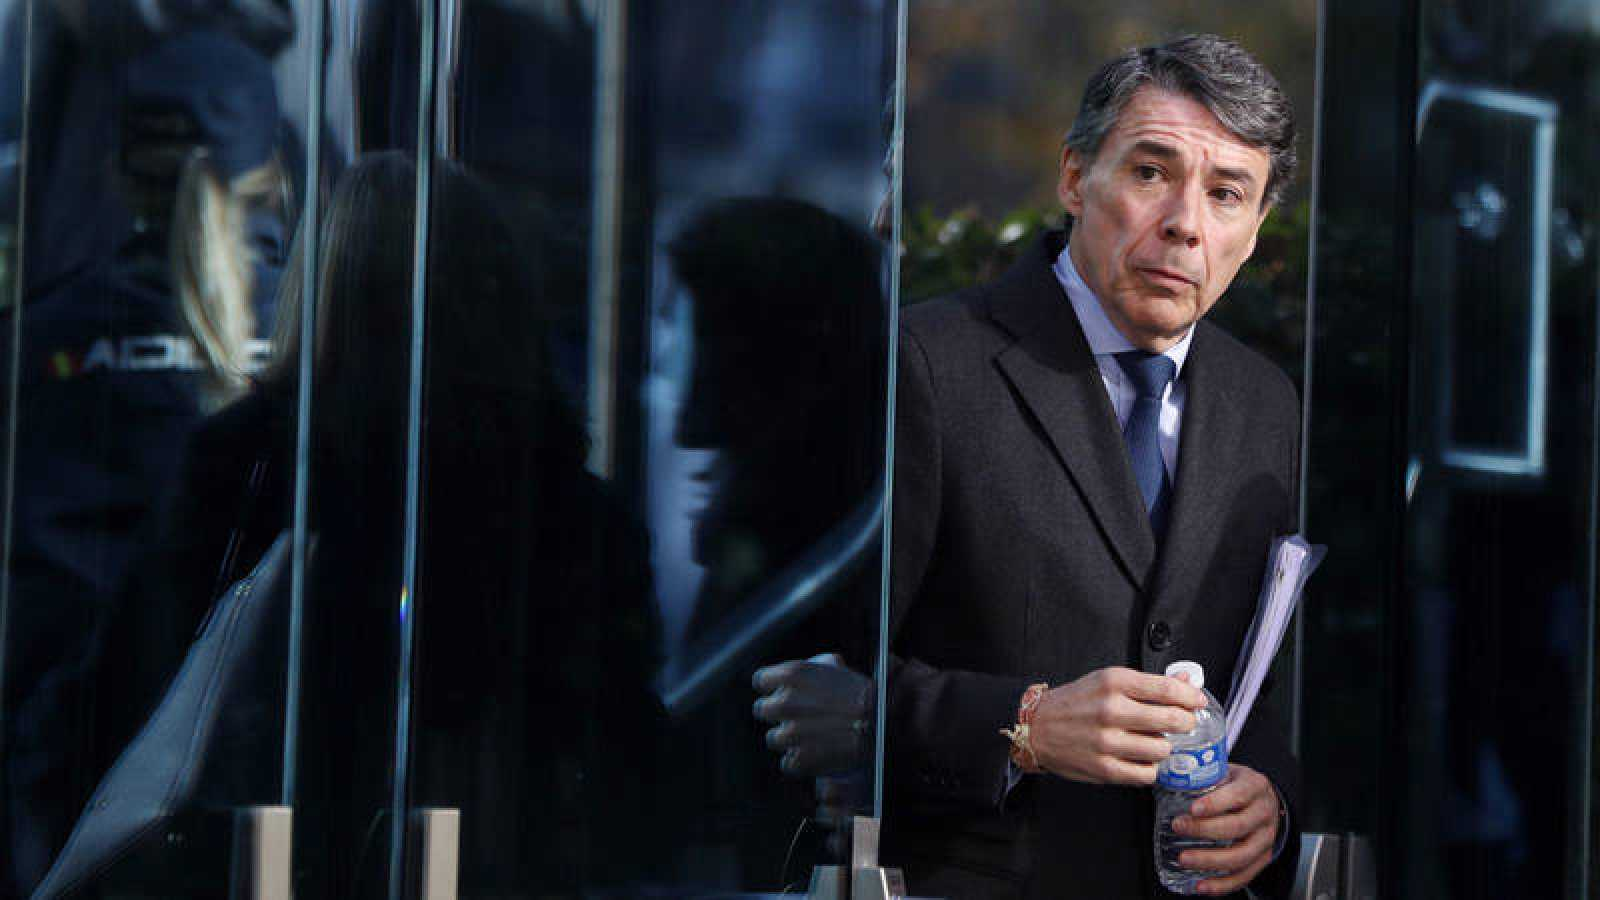 El expresidente de la Comunidad de Madrid Ignacio González a su salida de la Audiencia Nacional